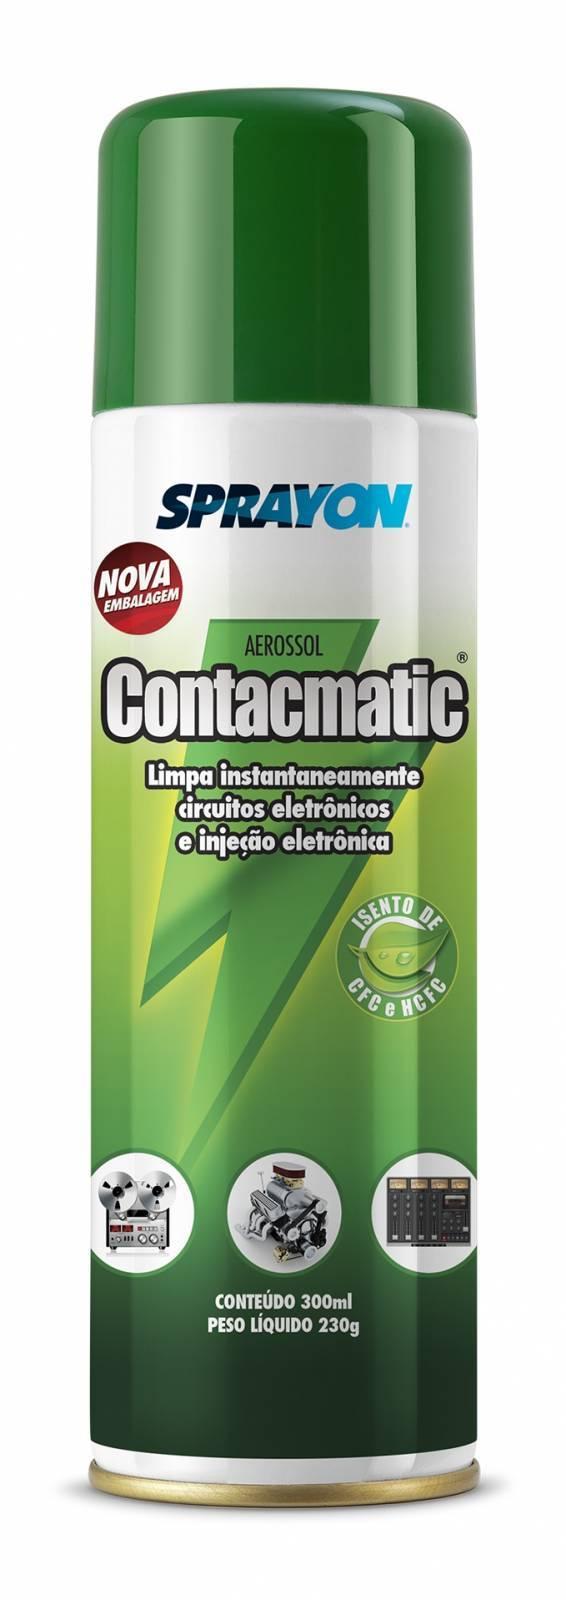 Spray Contacmatic Aerossol Limpa Contatos 350ml SPRAYON - Casa da Pilha